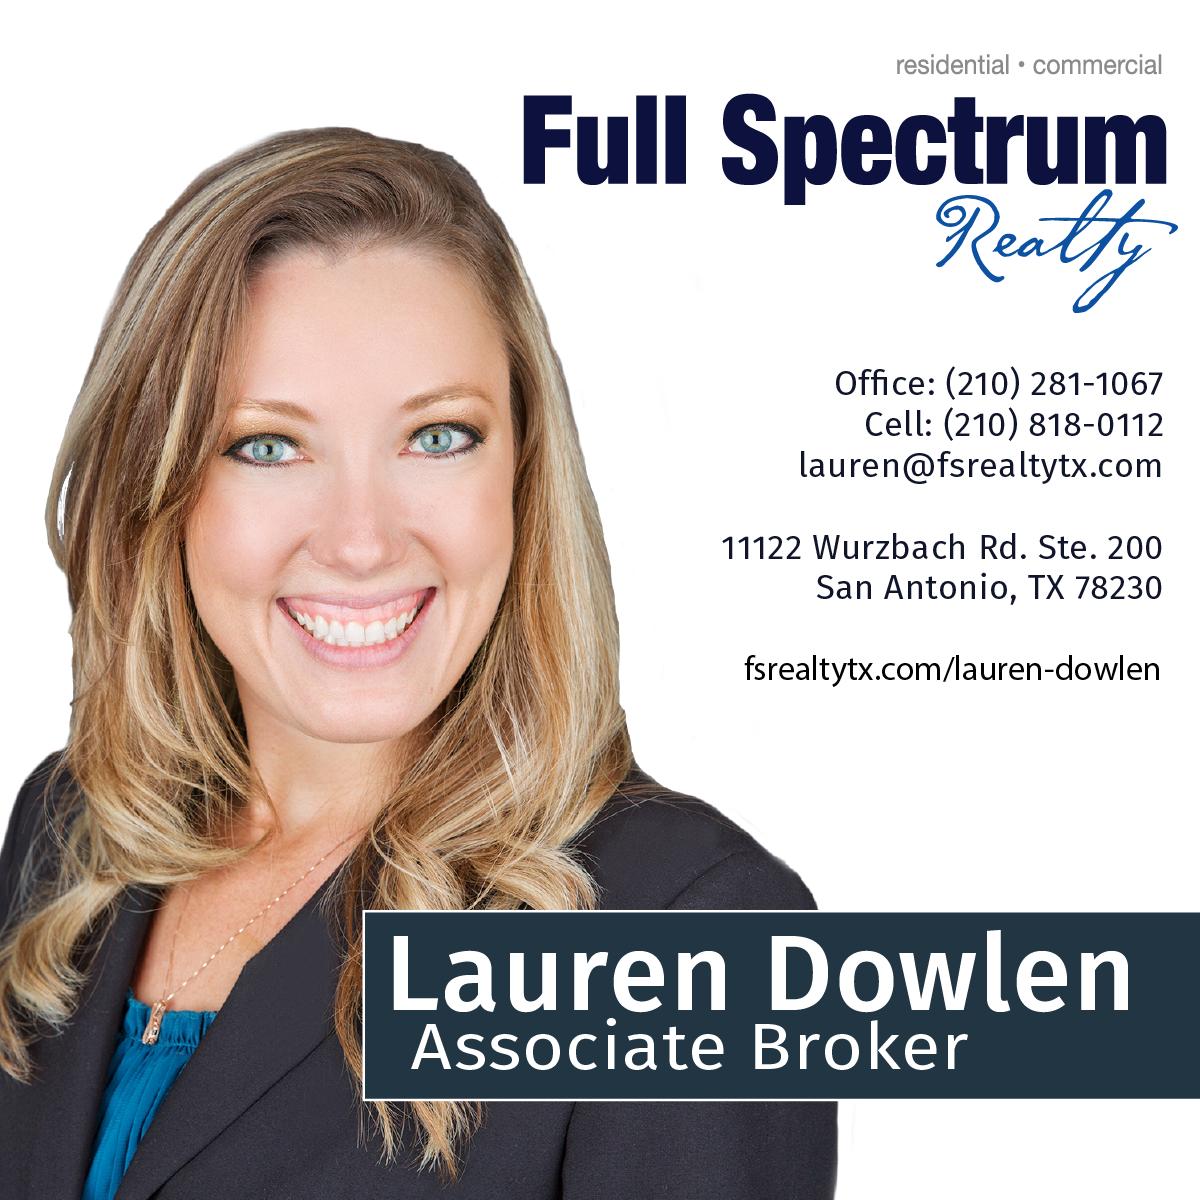 Lauren Dowlen - Full Spectrum Realty.png